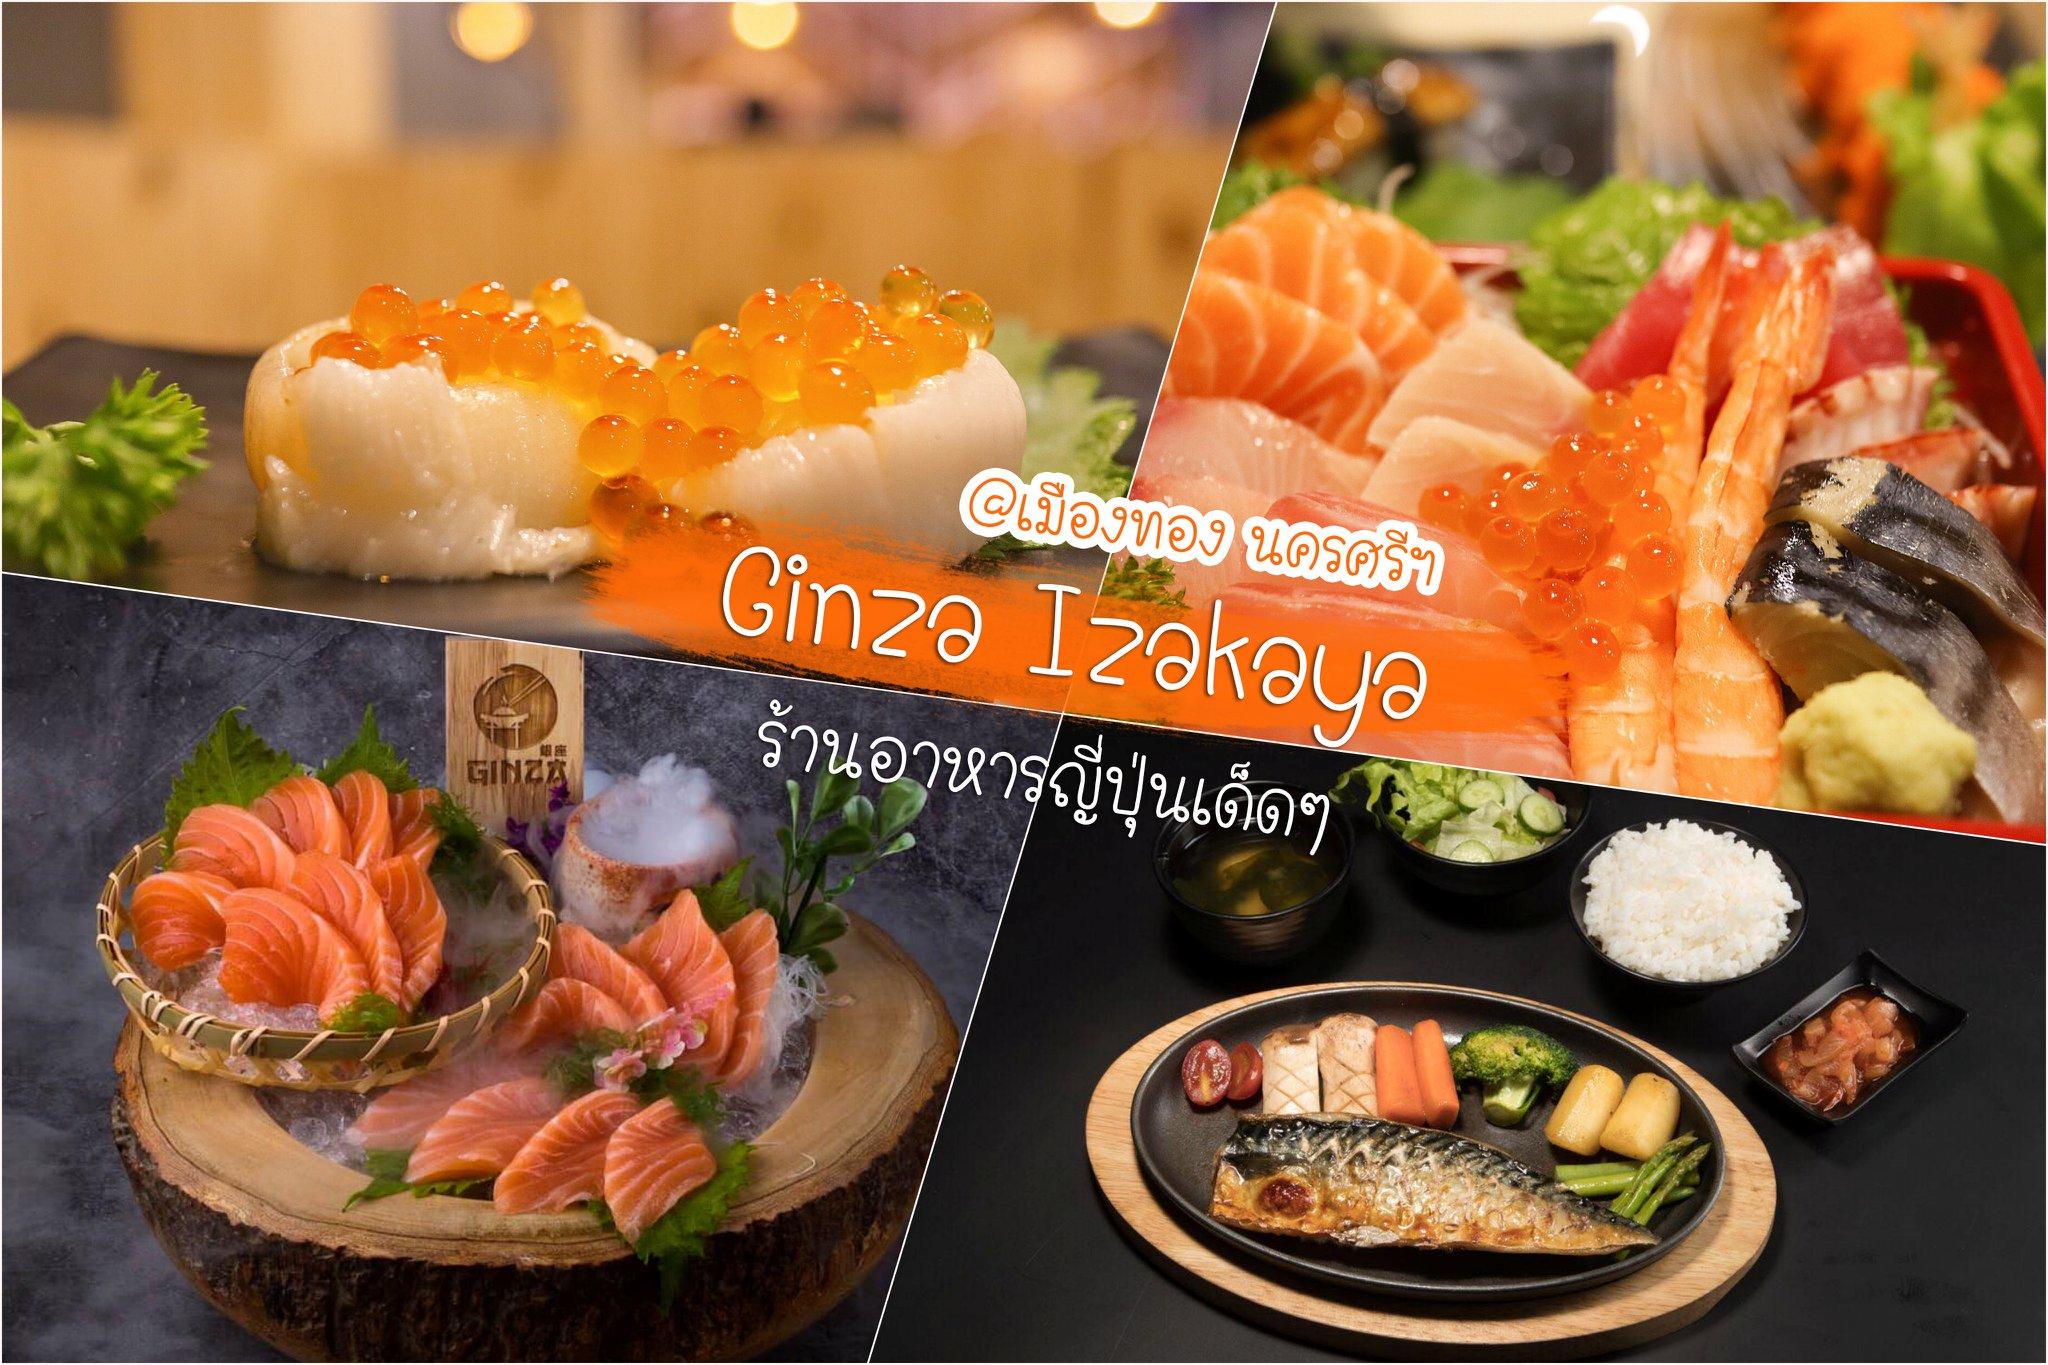 ร้านอาหารญี่ปุ่น นครศรีธรรมราช Ginza Izakaya อร่อยและเด็ดแน่นอน